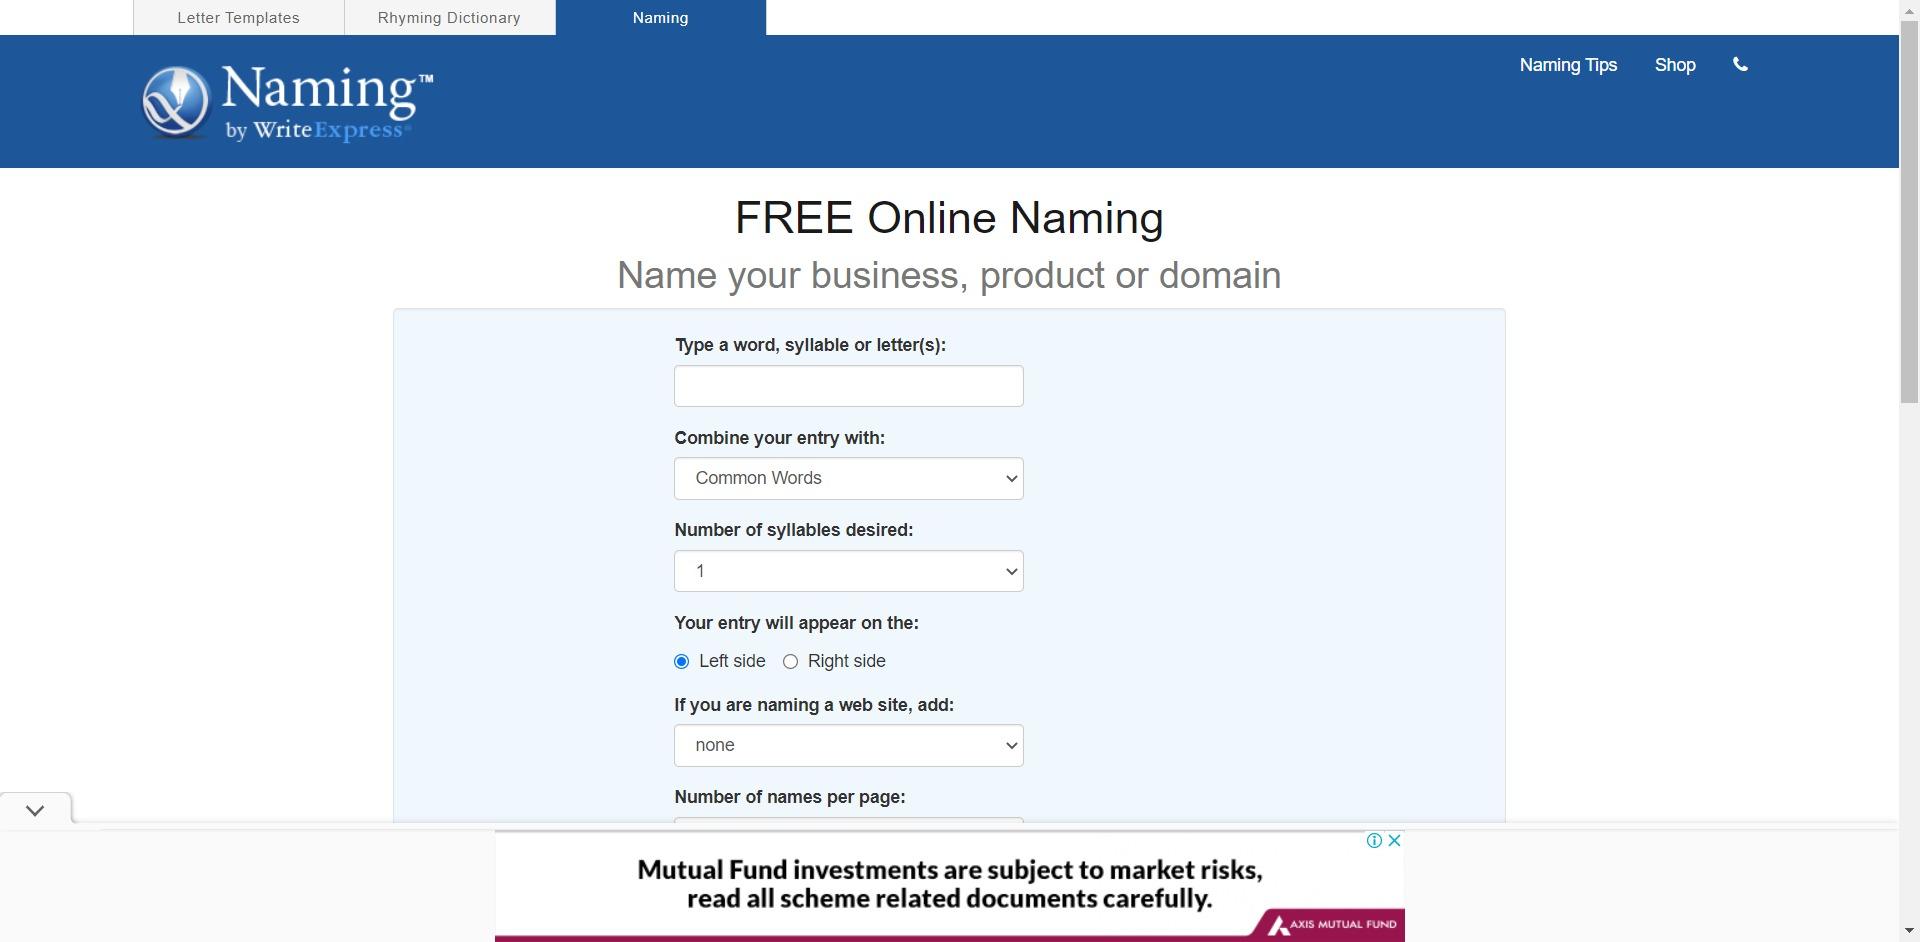 Naming.net Business Name Generator